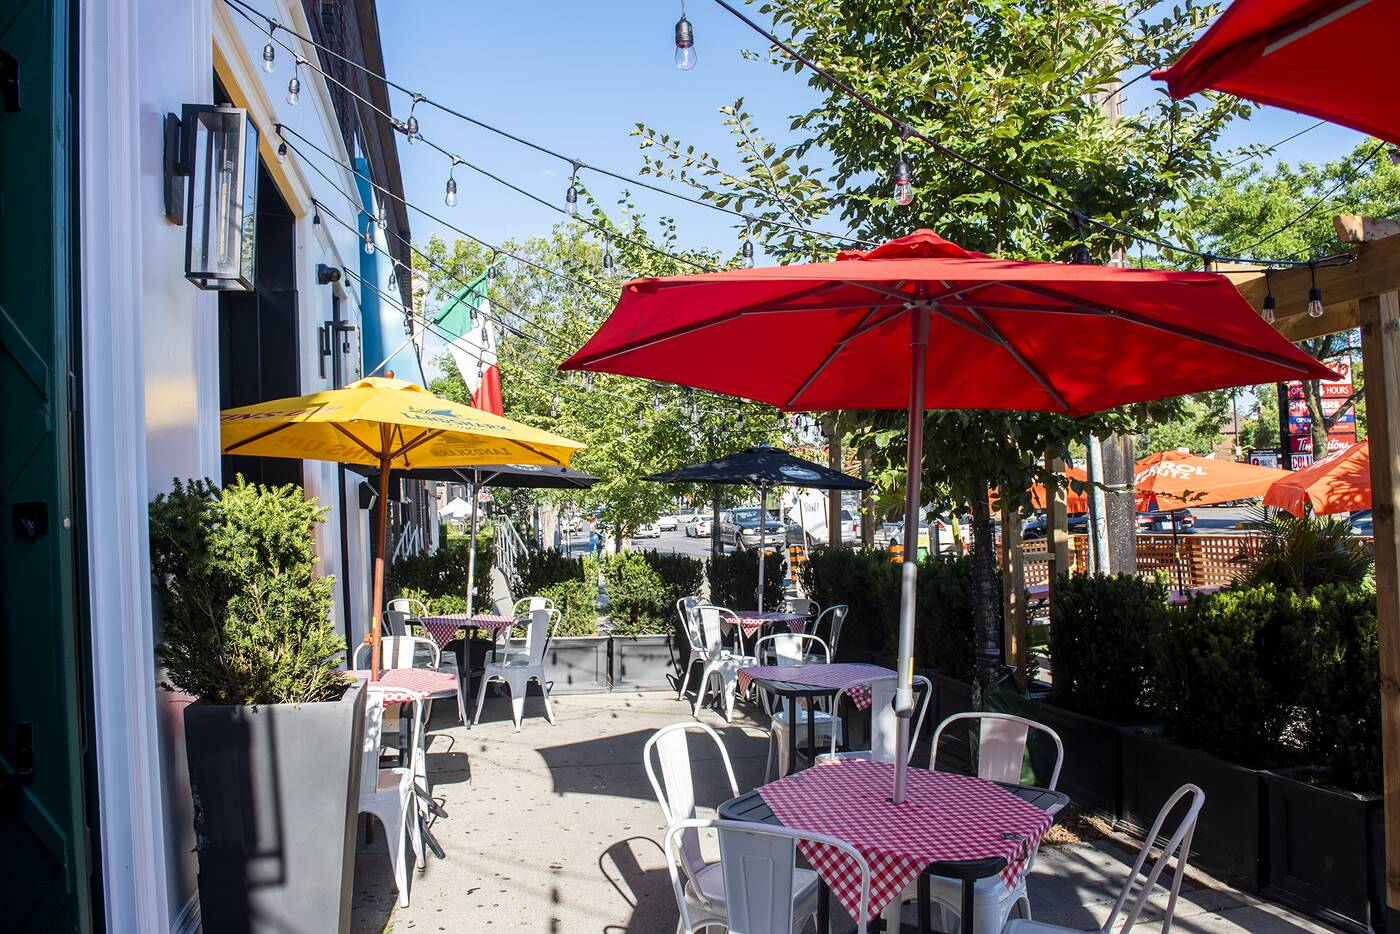 curblane patio toronto